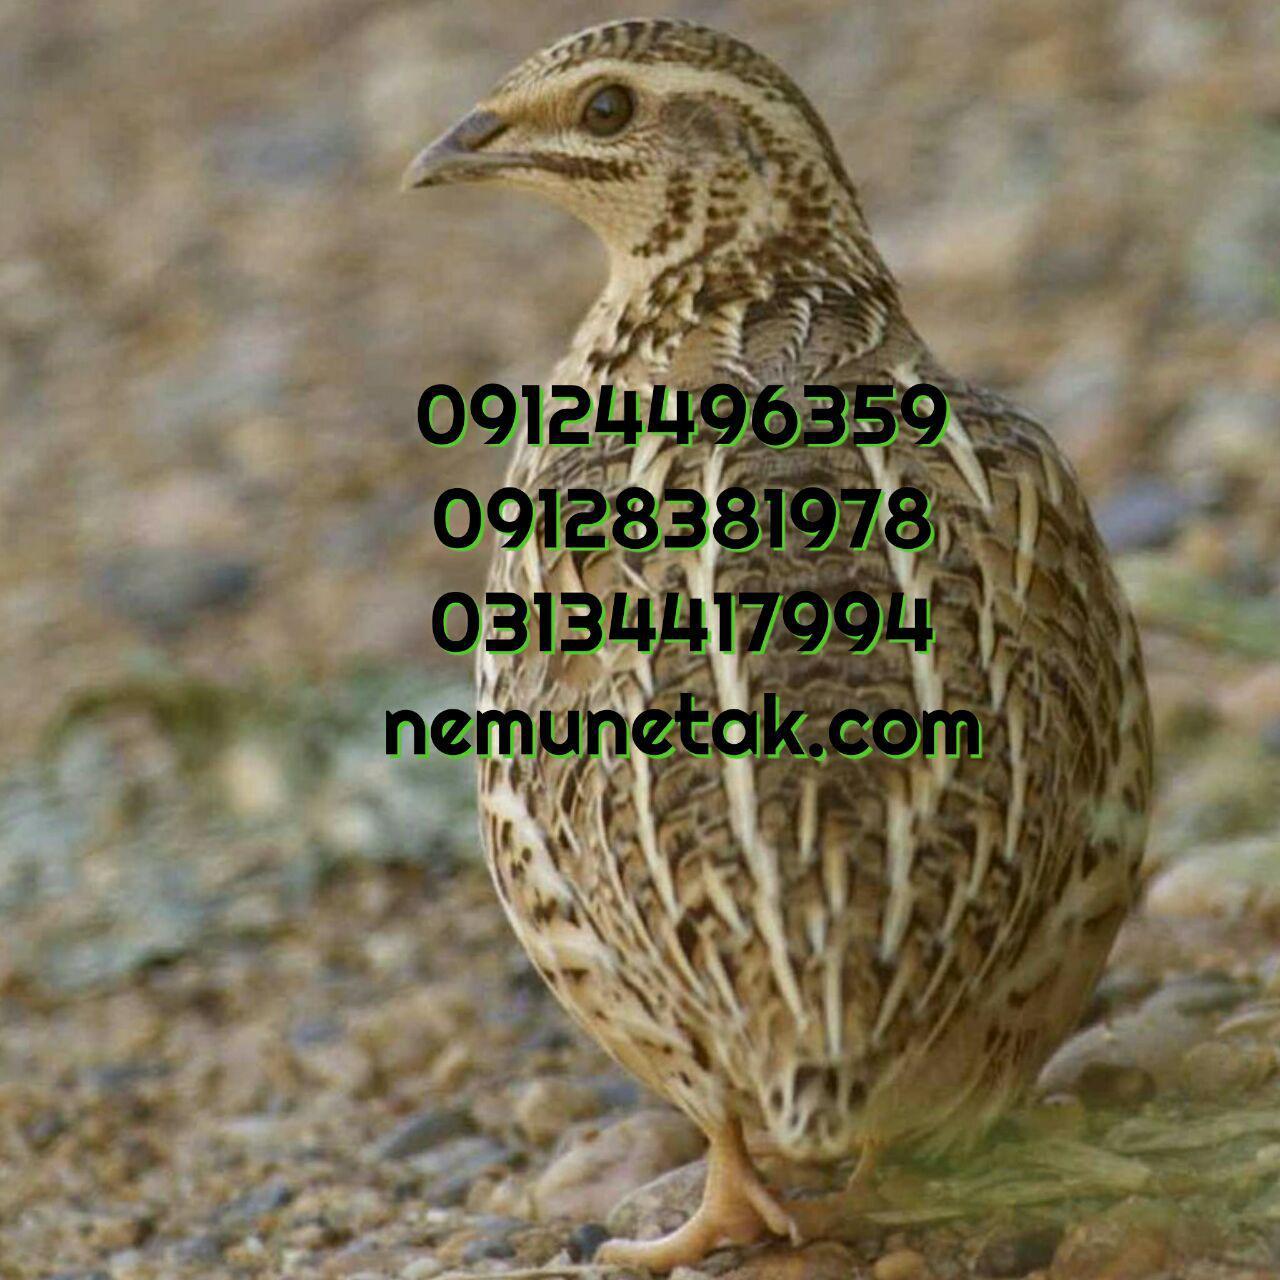 فروش بلدرچین تخمگذار 09124496359 09124439674 09131392838 خرید بلدرچین زنده09131393868